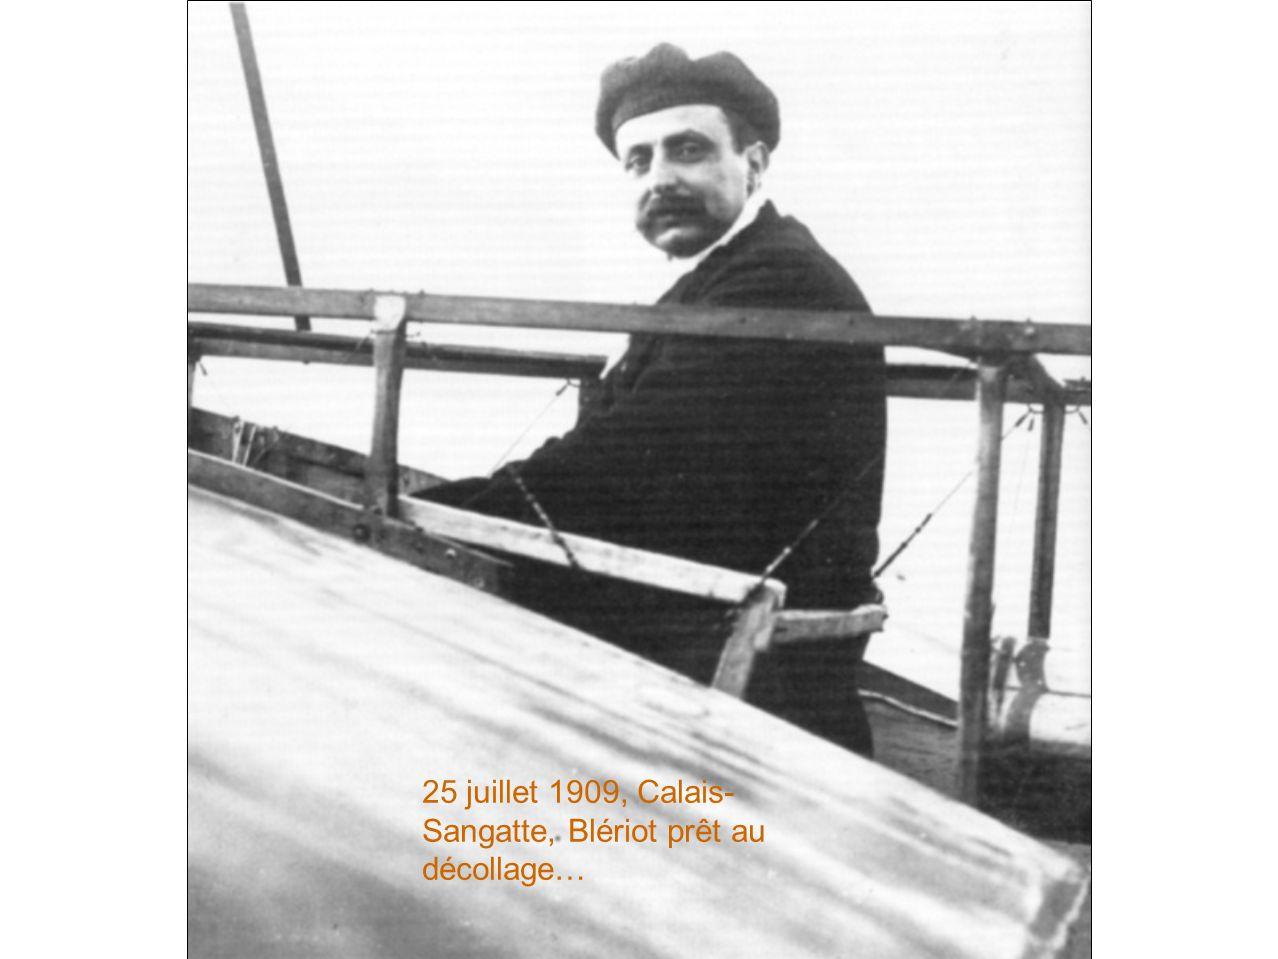 25 juillet 1909, Calais-Sangatte, Blériot prêt au décollage…